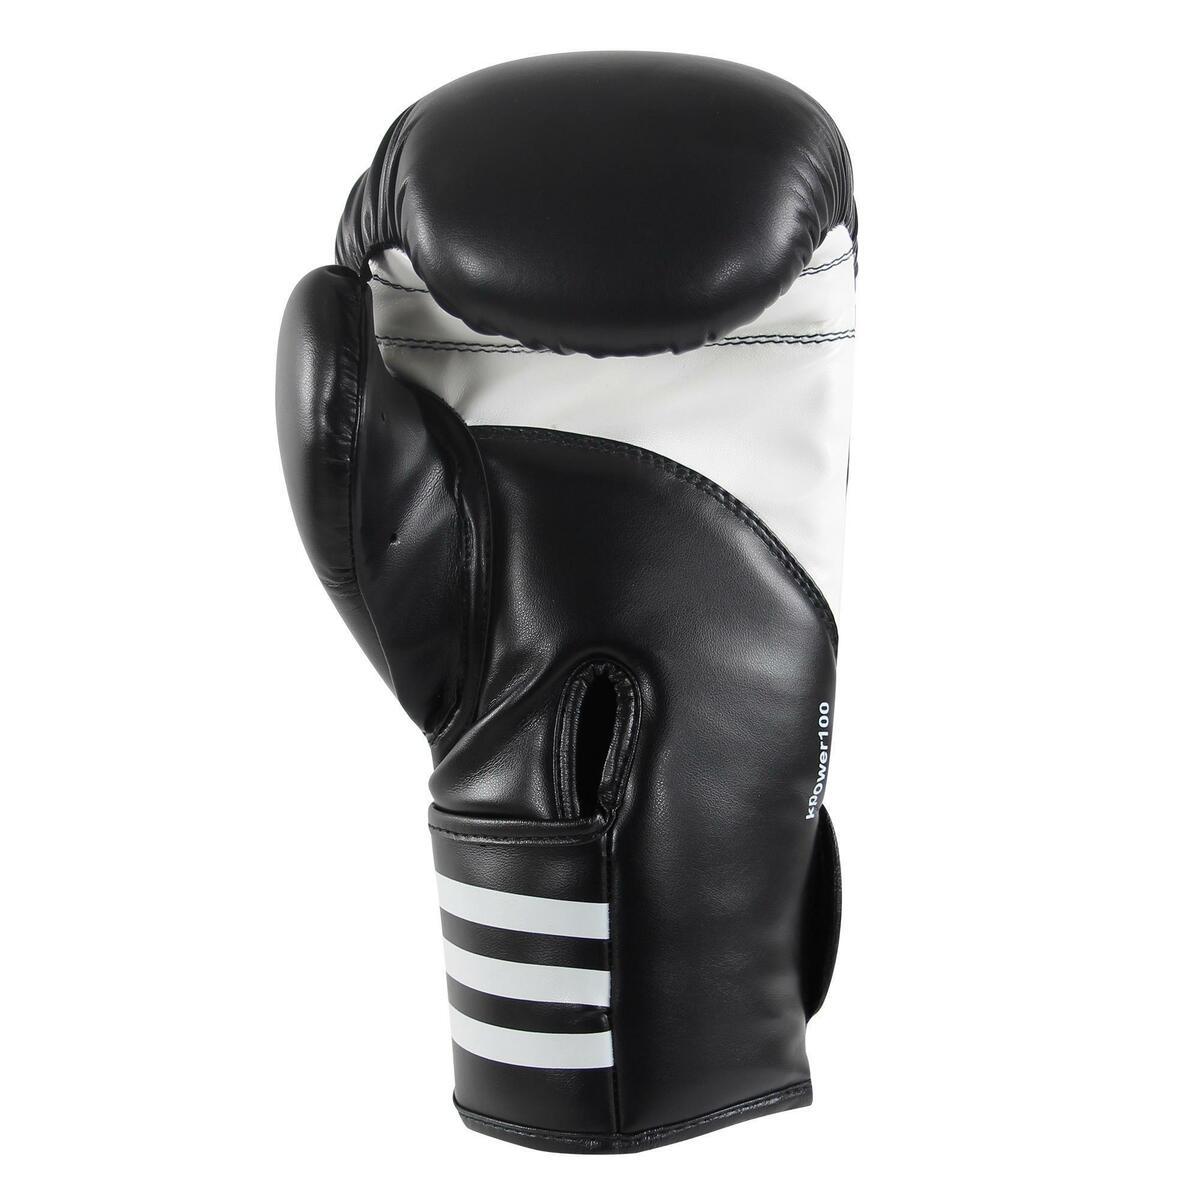 Bild 3 von Boxhandschuhe KPower 100 Fortgeschrittene schwarz